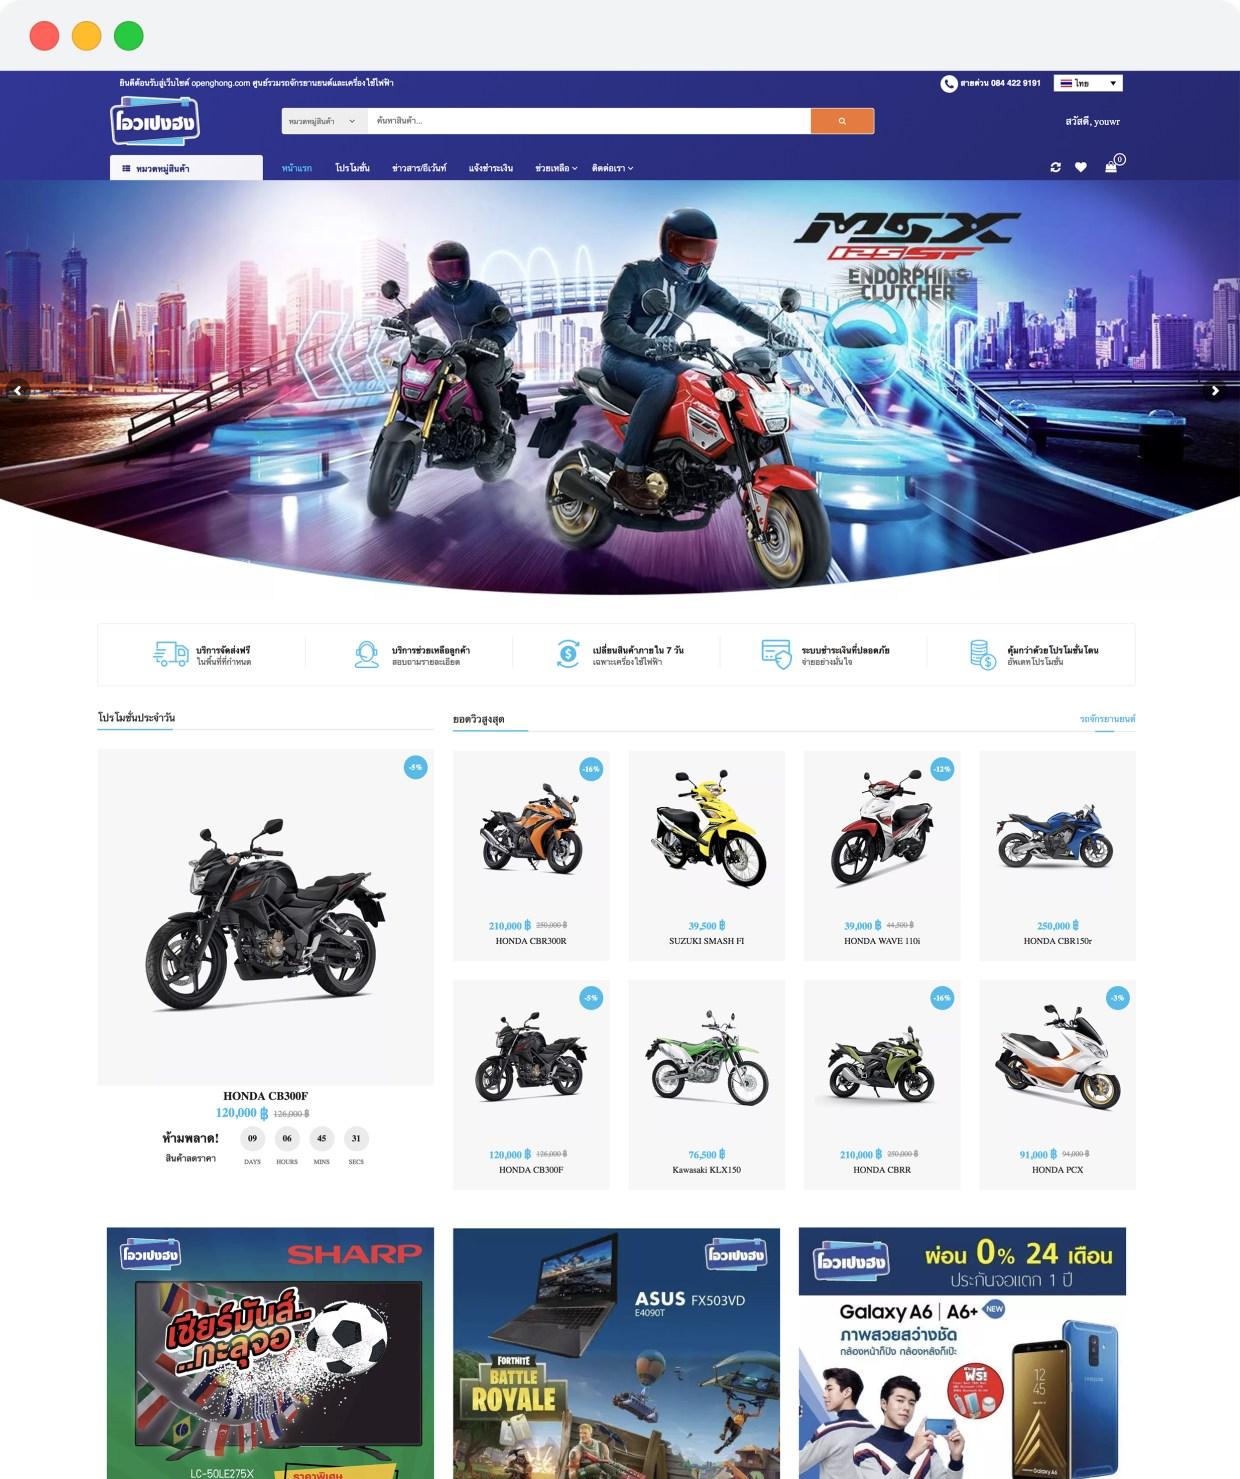 openghong ผลงานออกแบบเว็บไซต์โอเปงฮง